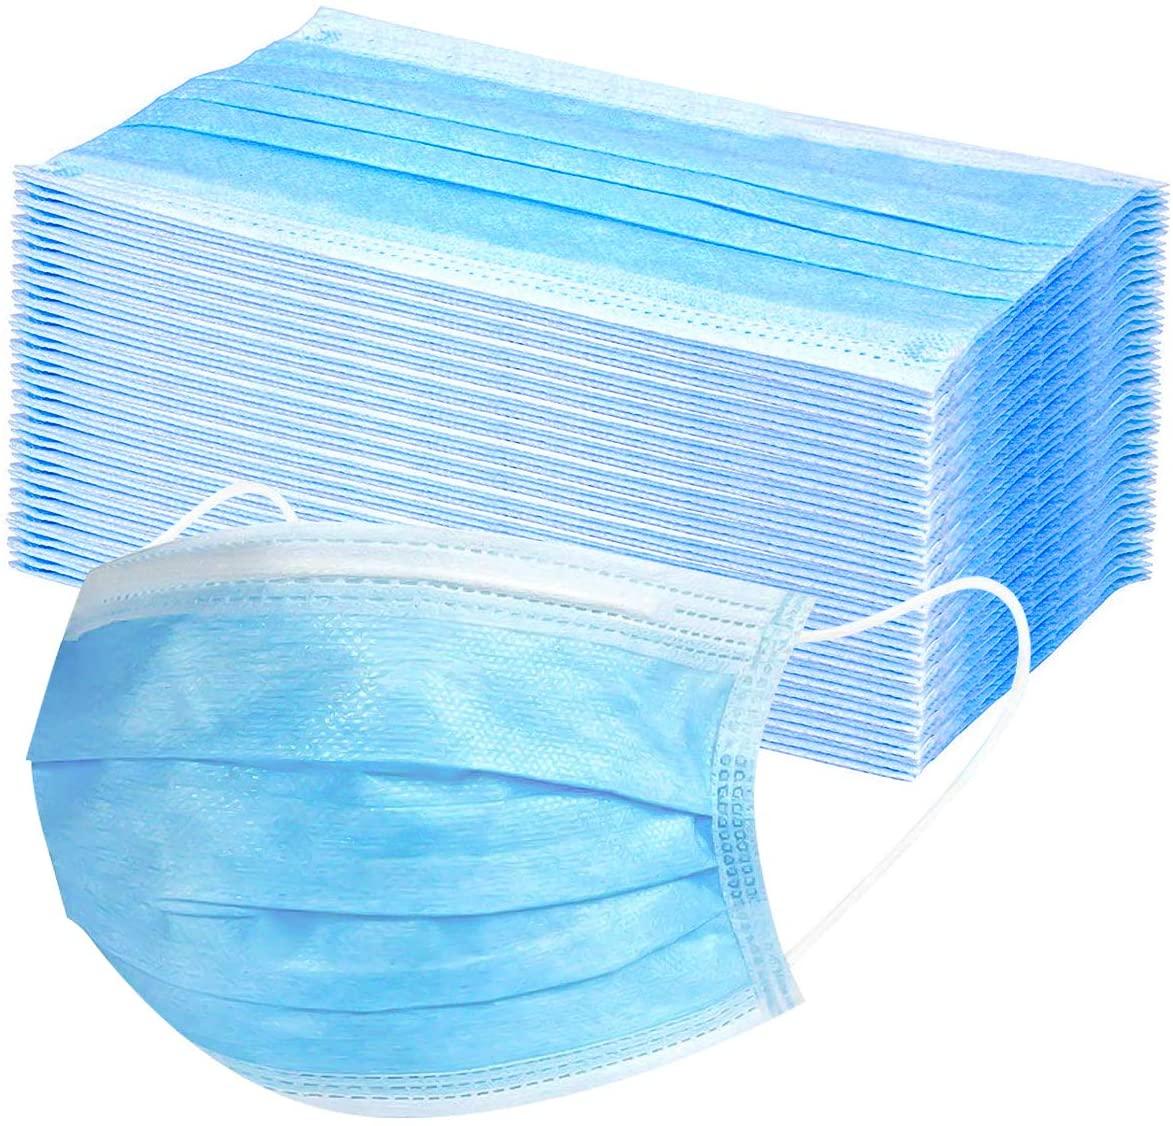 3 στρώσεις Sergical Medical Mask Μη υφασμένο αντι-ιό Ασφάλεια Αναπνεύσιμη μάσκα προσώπου Αντιδιαβρωτική προστασία από τη σκόνη C